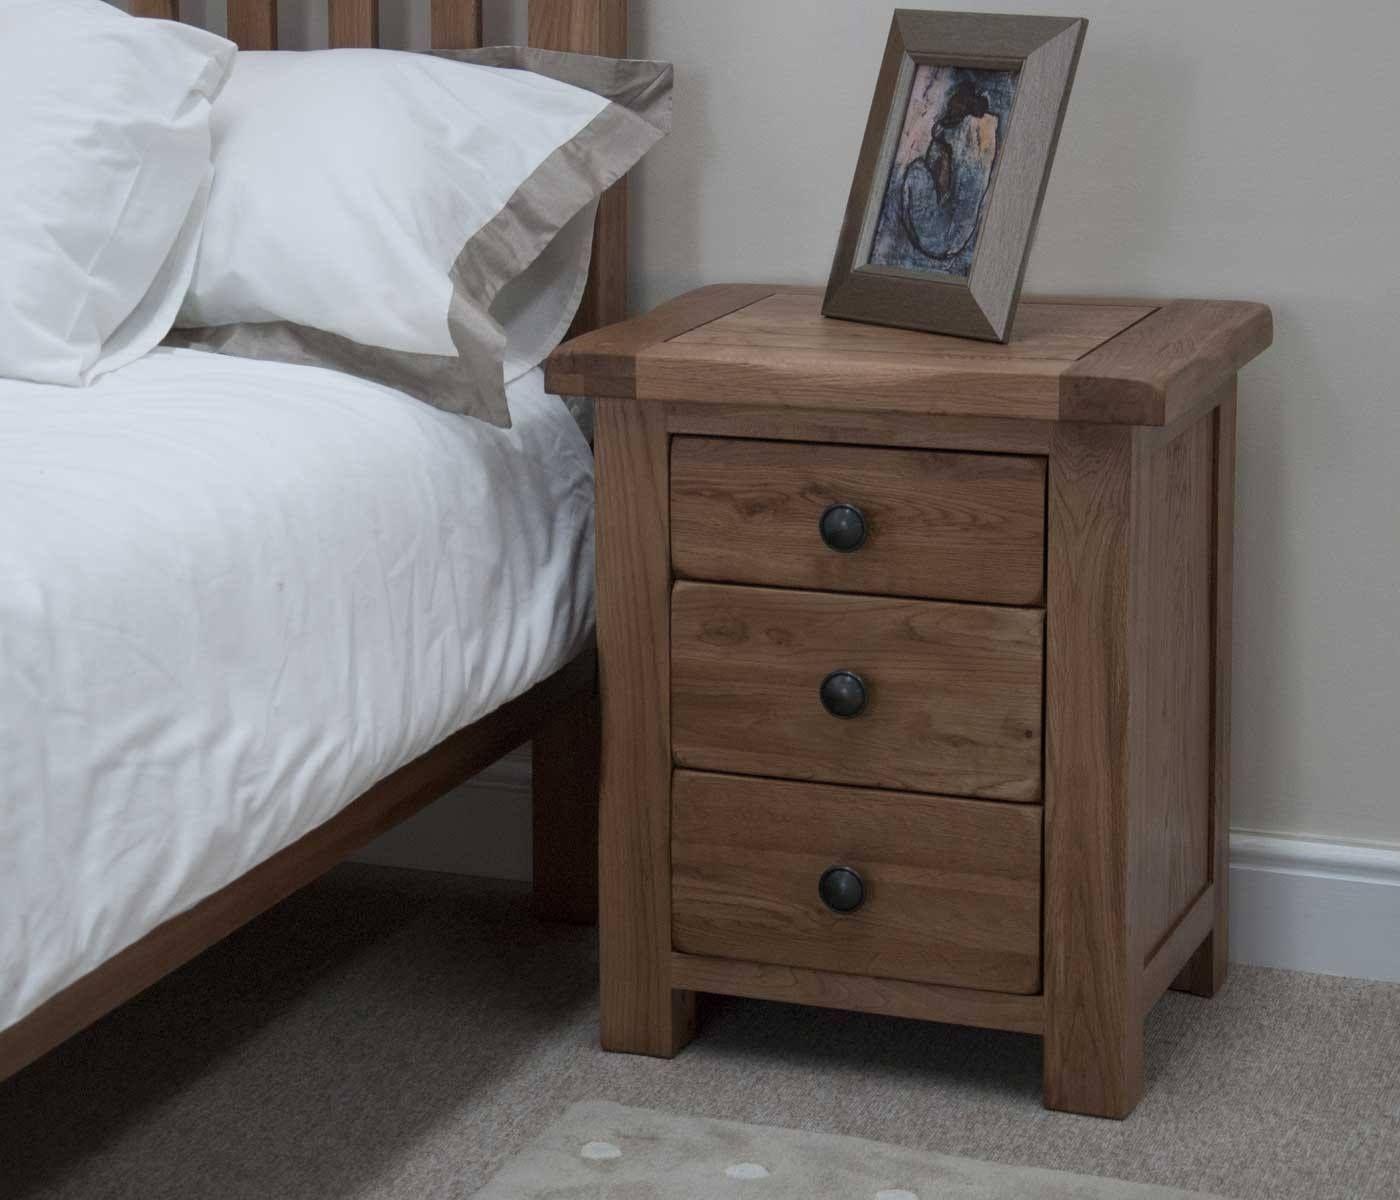 Original Rustic Solid Oak 3 Drawer Bedside Solid